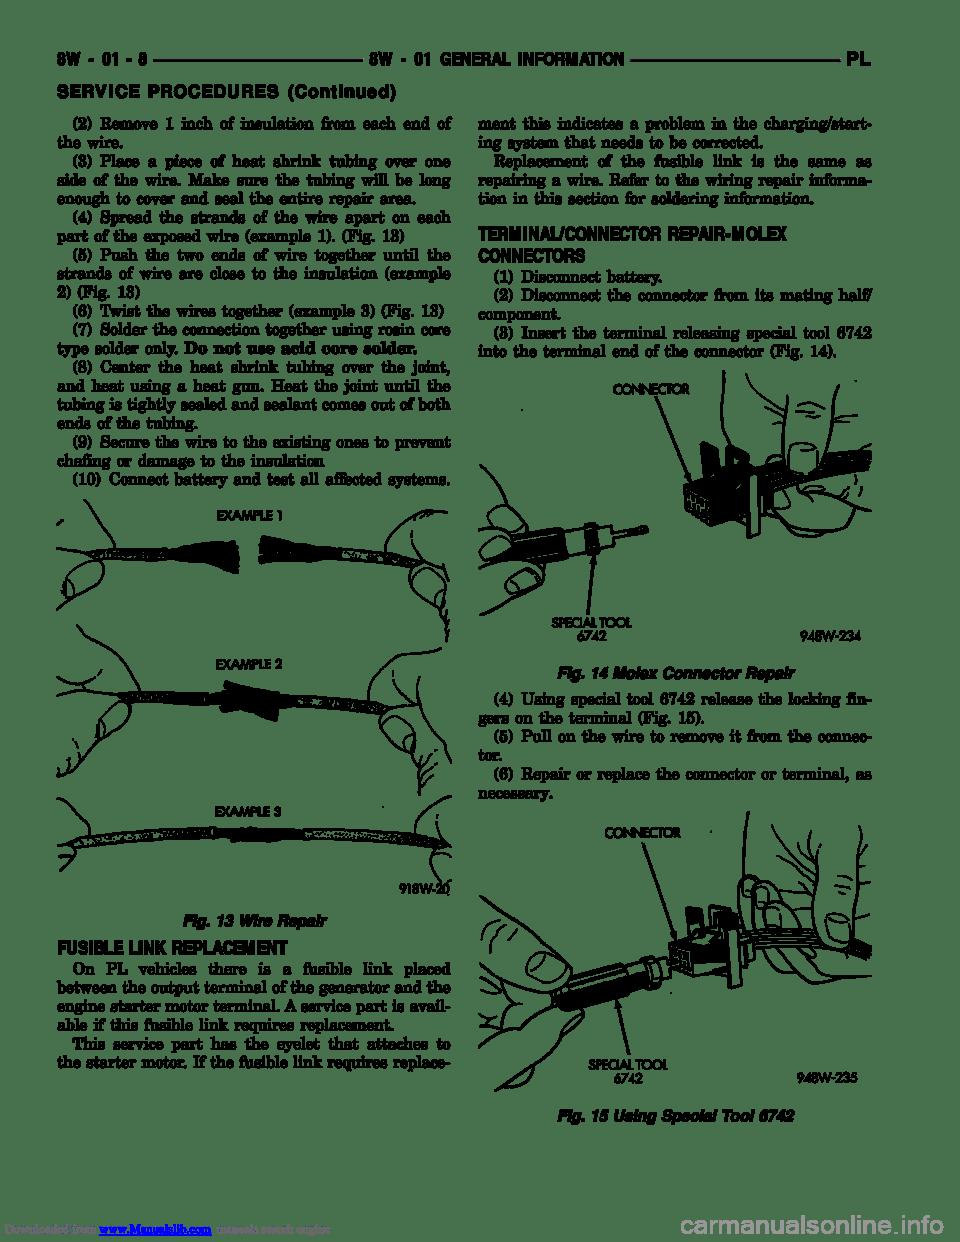 medium resolution of neon engine part diagram